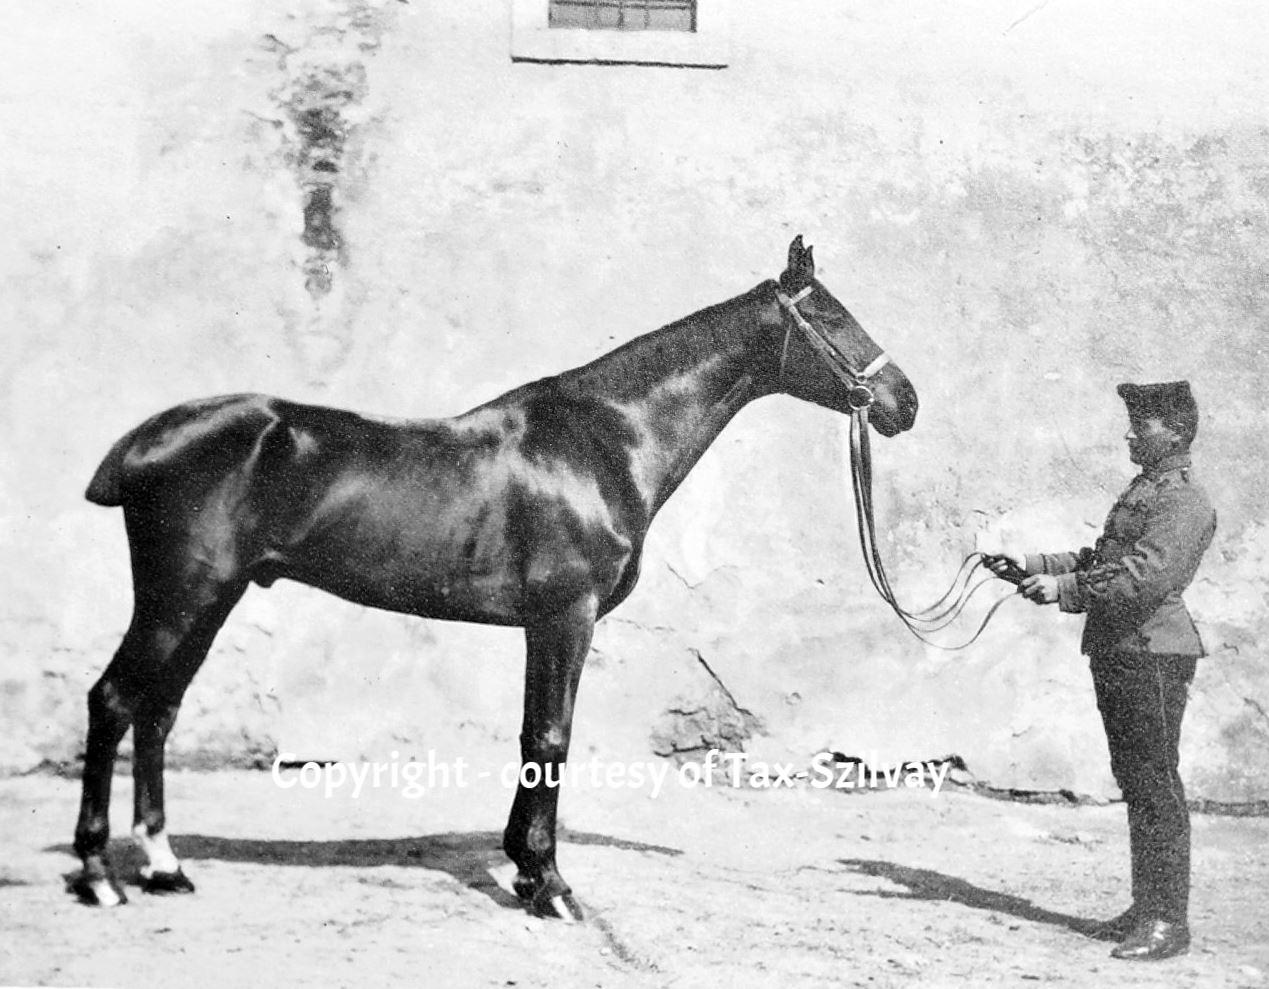 Pferdemusterung, verm. das Turnierpferd von Tax-Szilvay